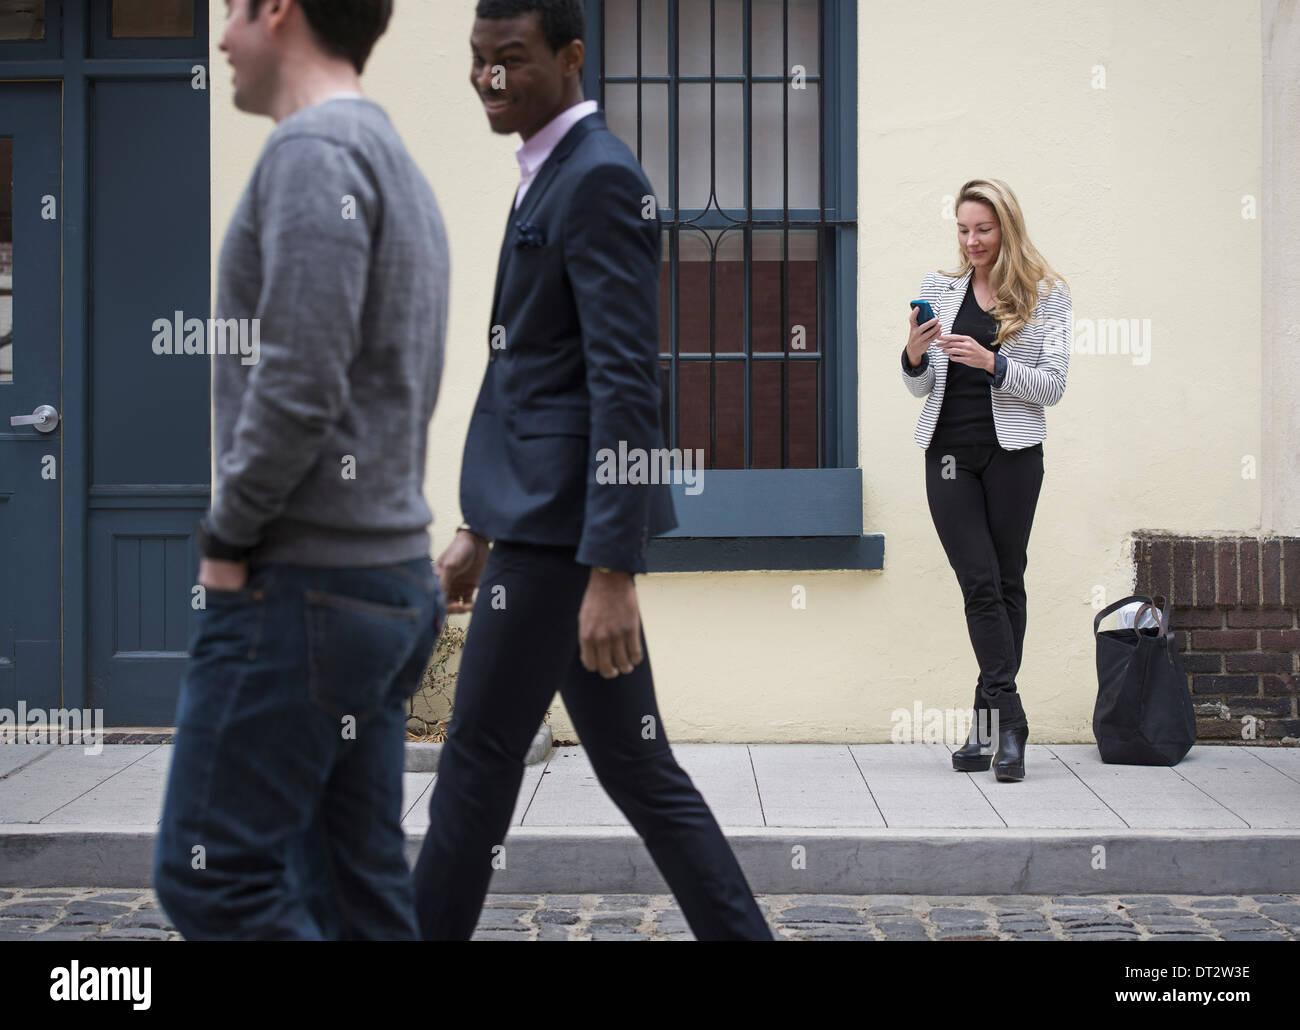 I giovani all'aperto lungo le strade della città in primavera una donna sui suoi propri e due uomini a piedi passato sulla strada di ciottoli Immagini Stock